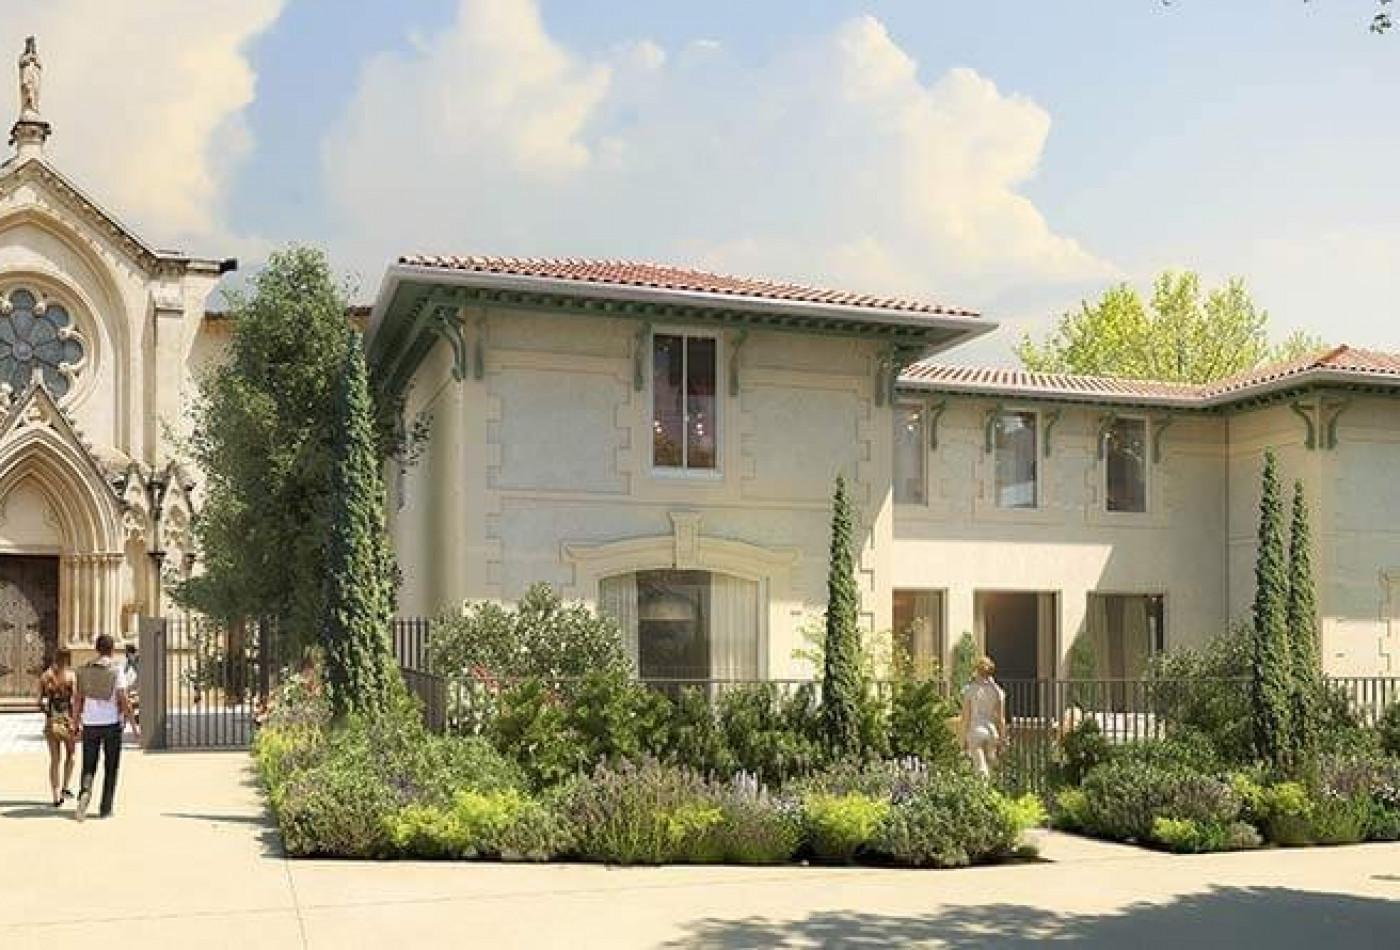 A vendre  Montpellier | Réf 345075847 - Immo plus